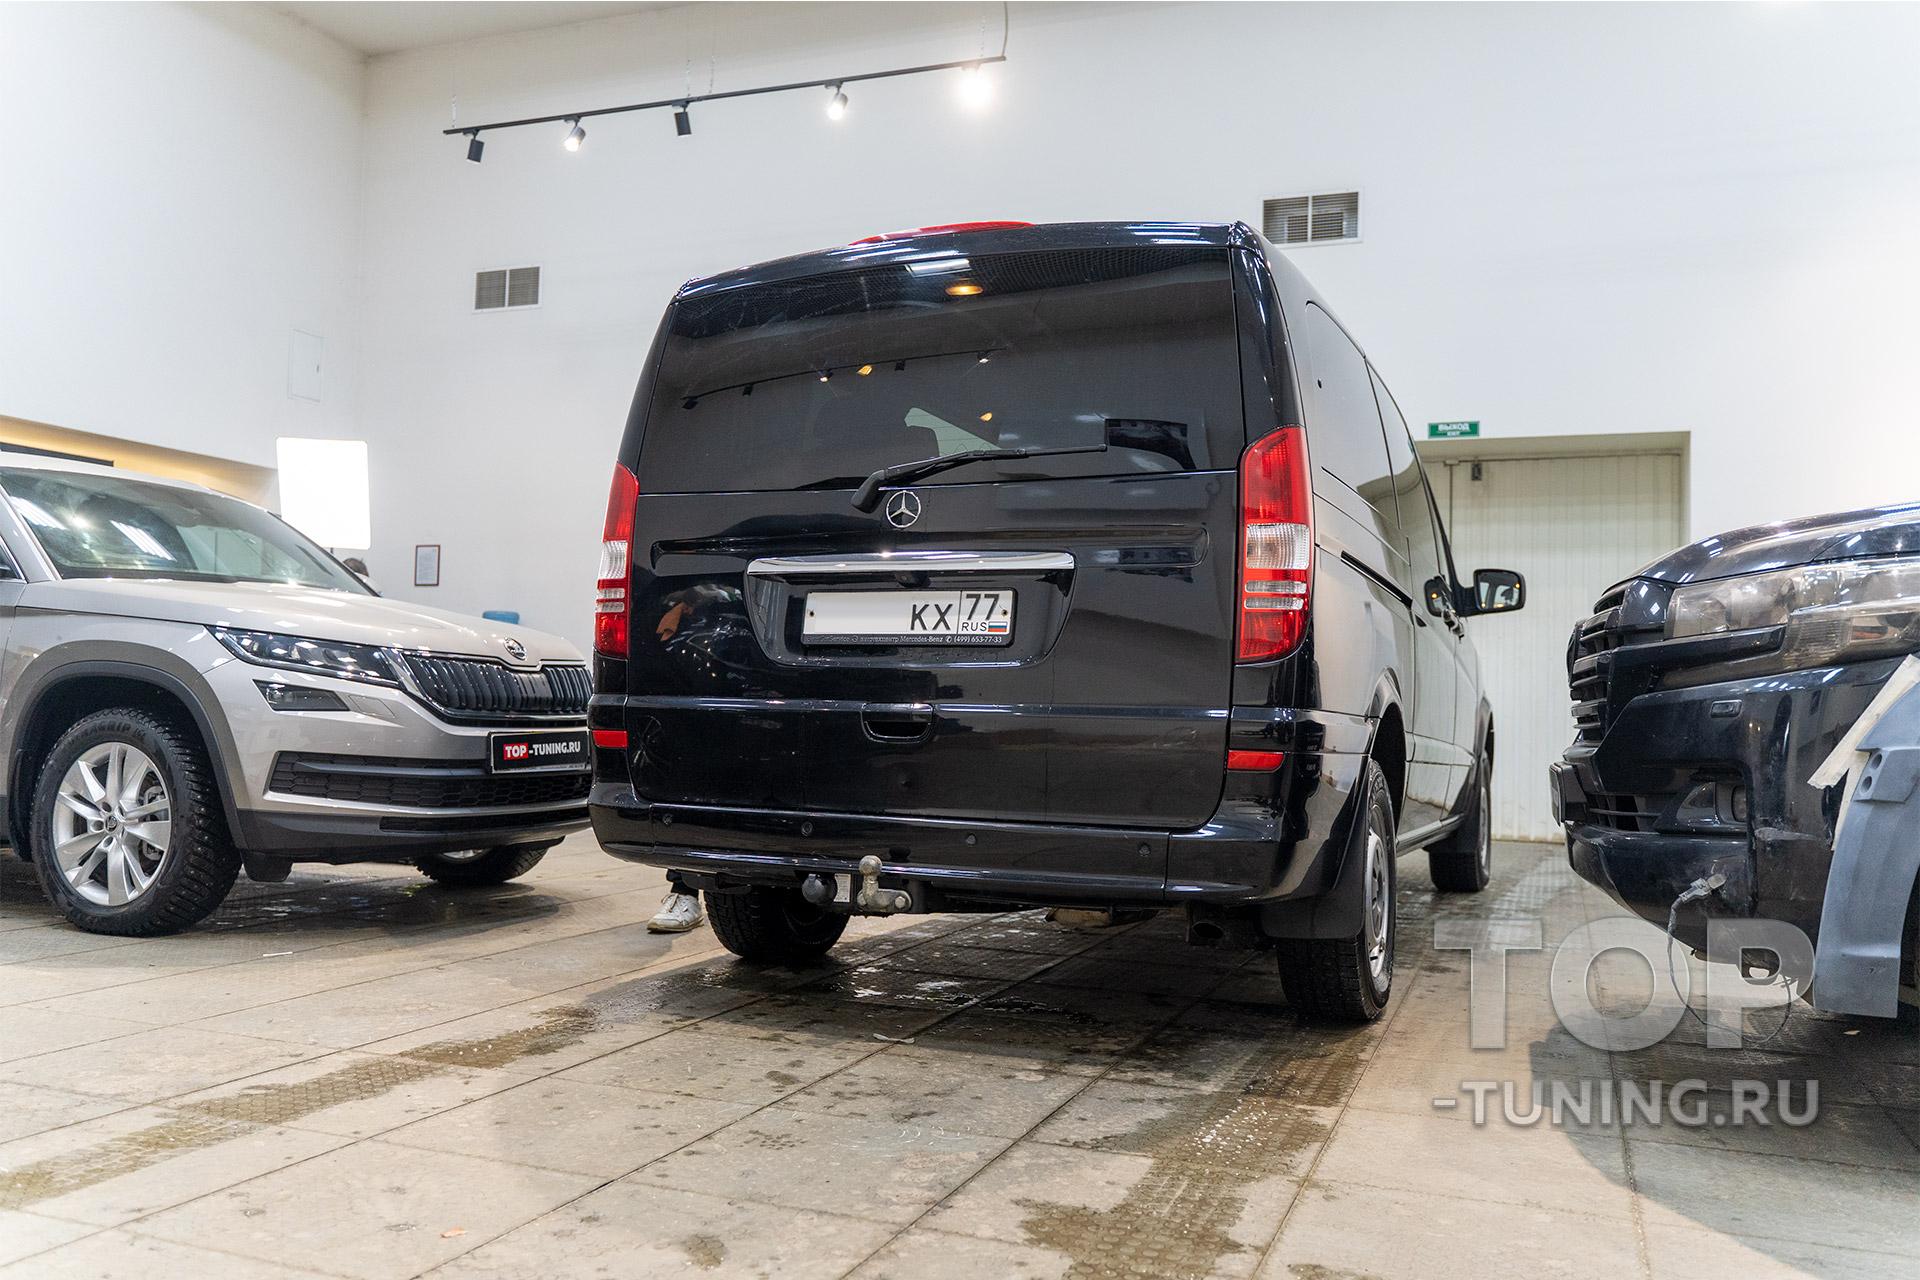 Штатный ксенон против новых LED линз MTF Max Beam - обзор на примере установки в  Mercedes-Benz Viano I (W639)